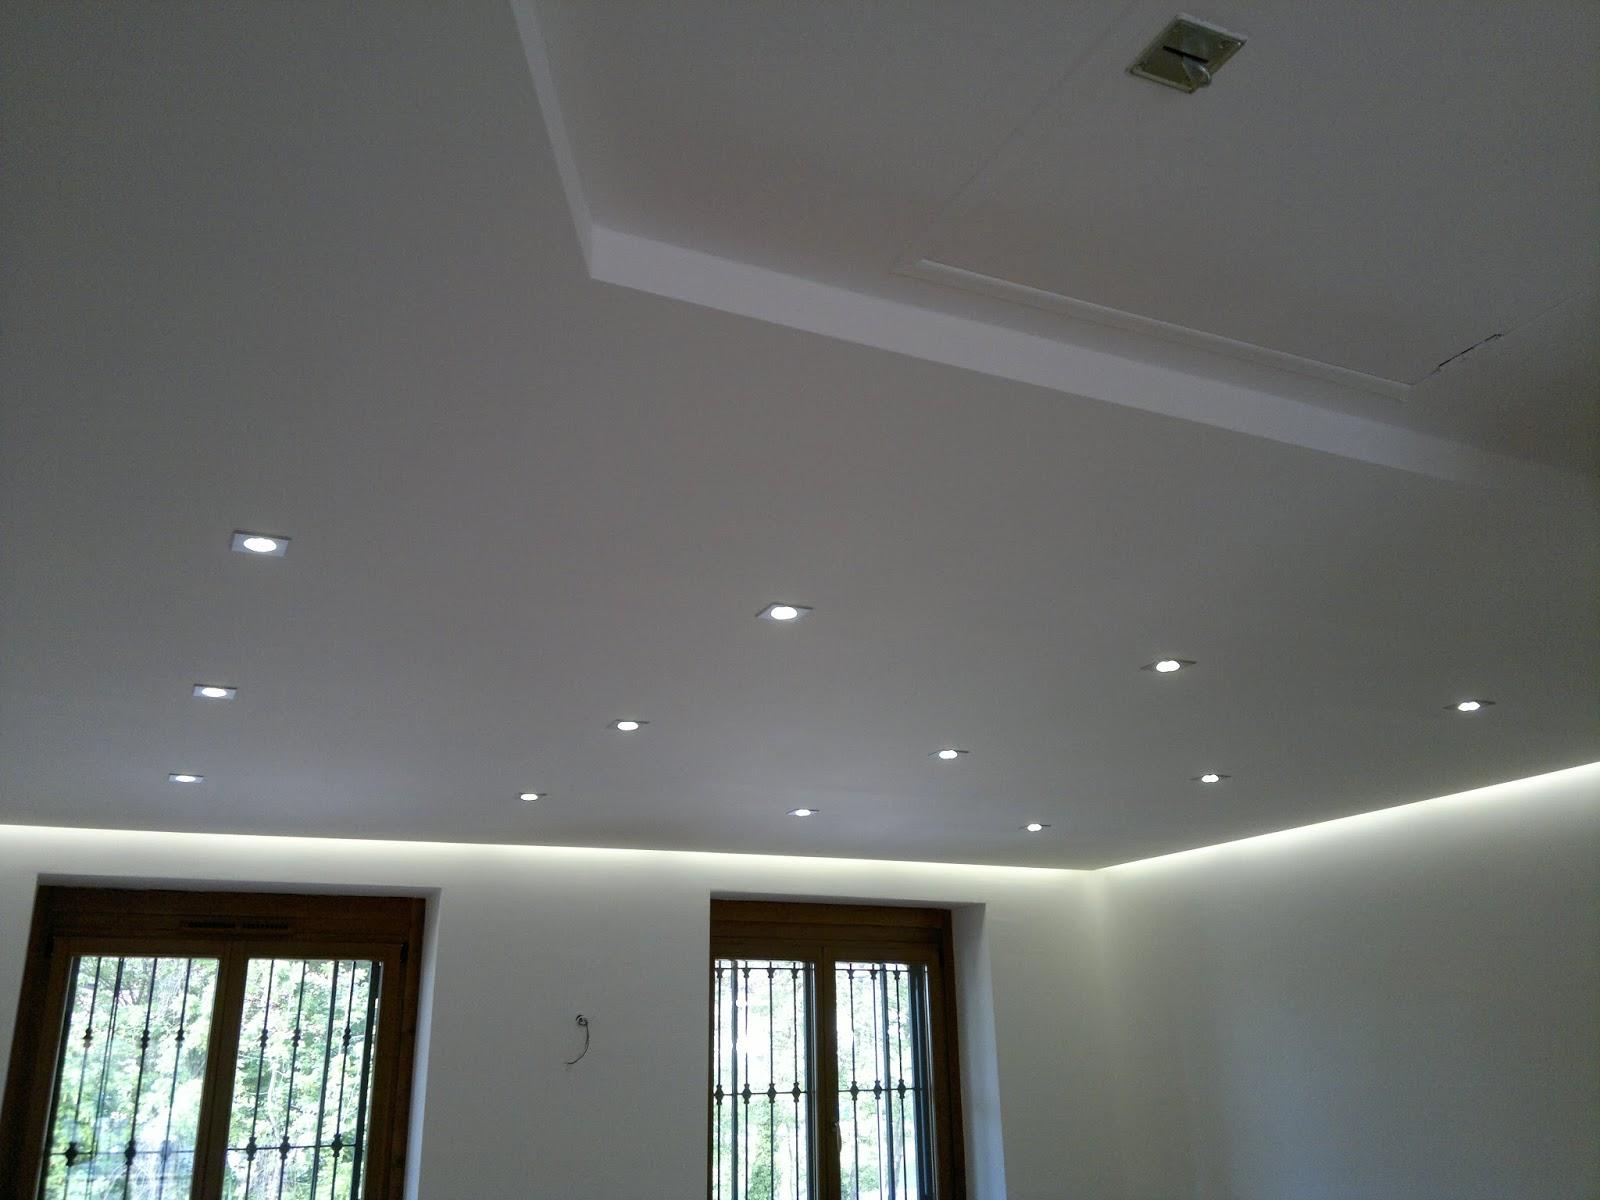 Illuminazione Led casa: Utilizzo del controsoffitto con l'illuminazione a Led